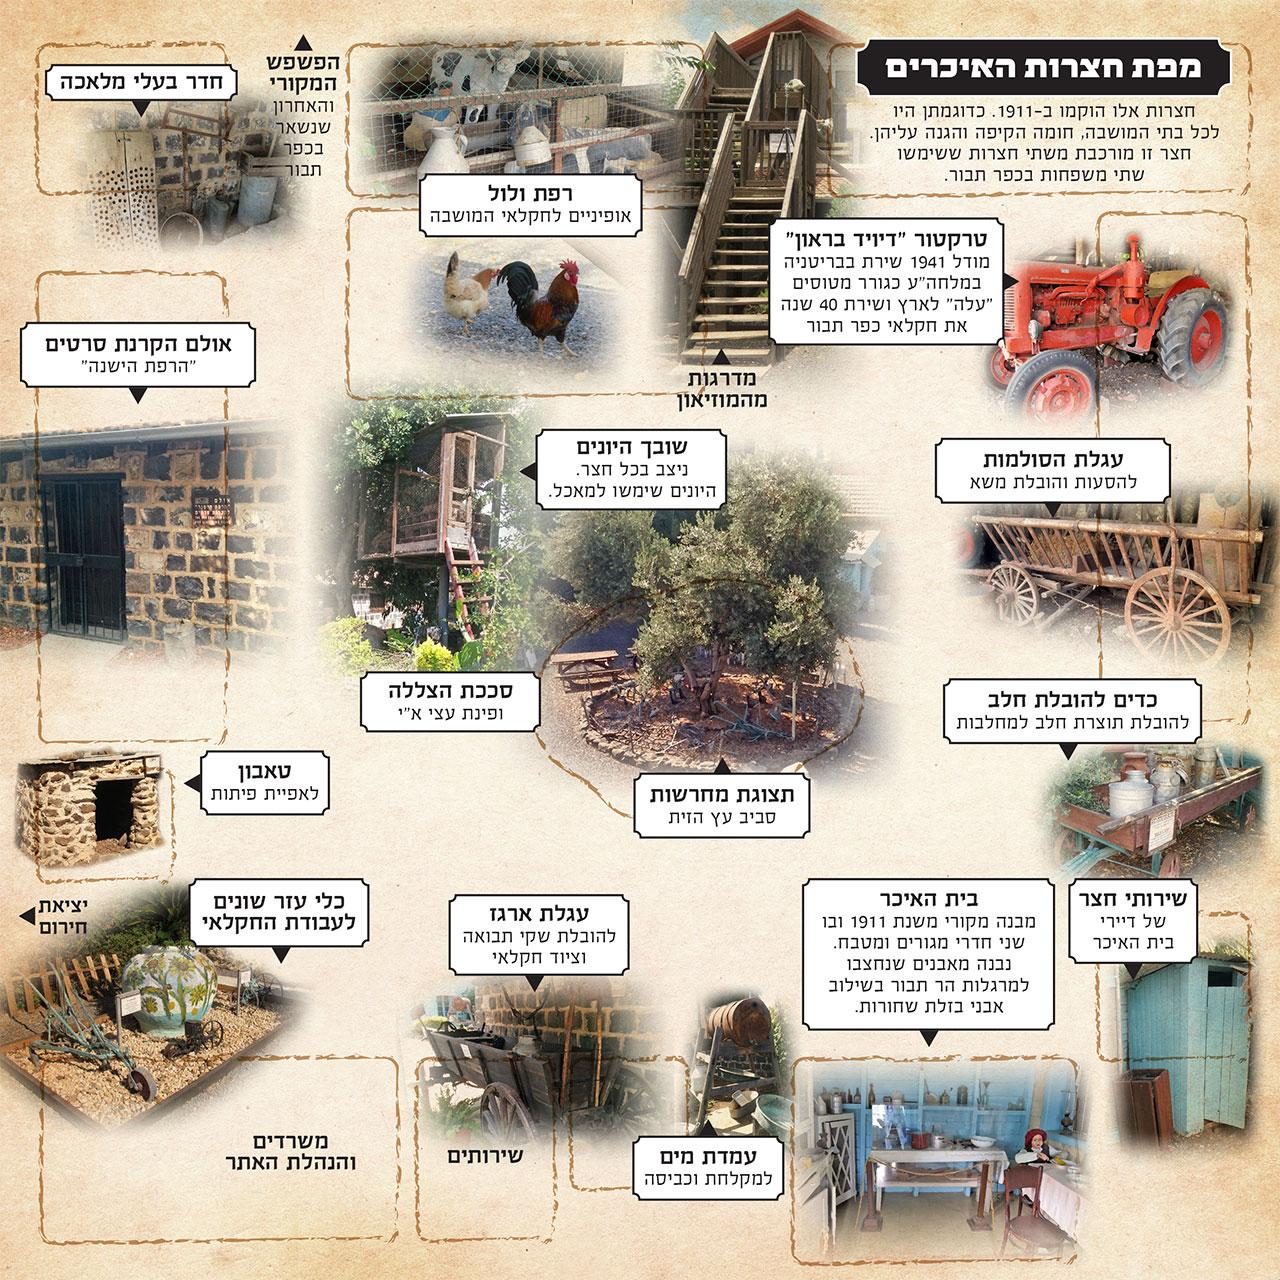 מוזיאון כפר תבור - מפת חצרות האיכרים